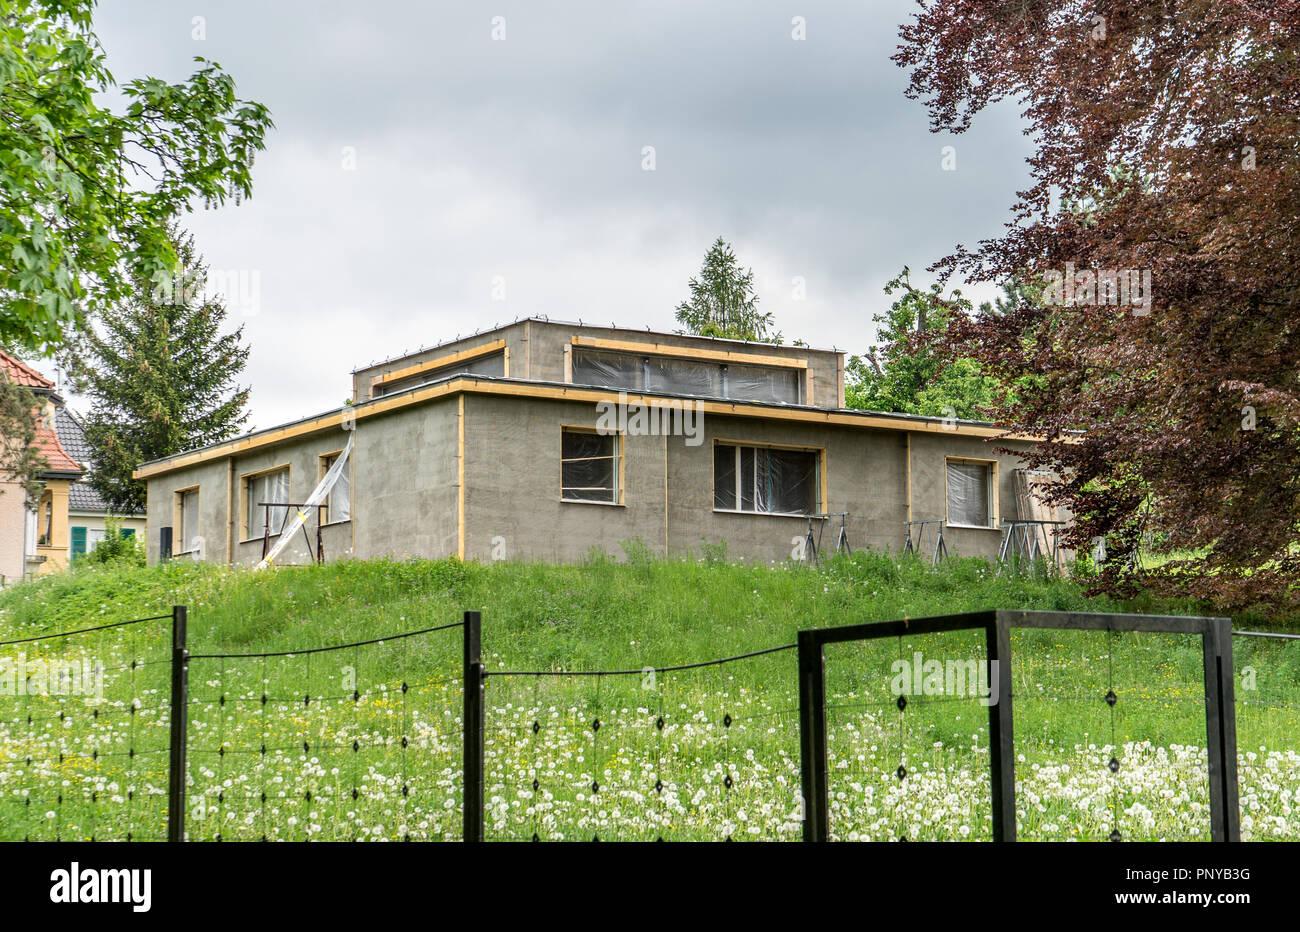 Modell Haus der Weimarer Bauhaus von Georg Muche während der Renovierungsarbeiten Stockbild